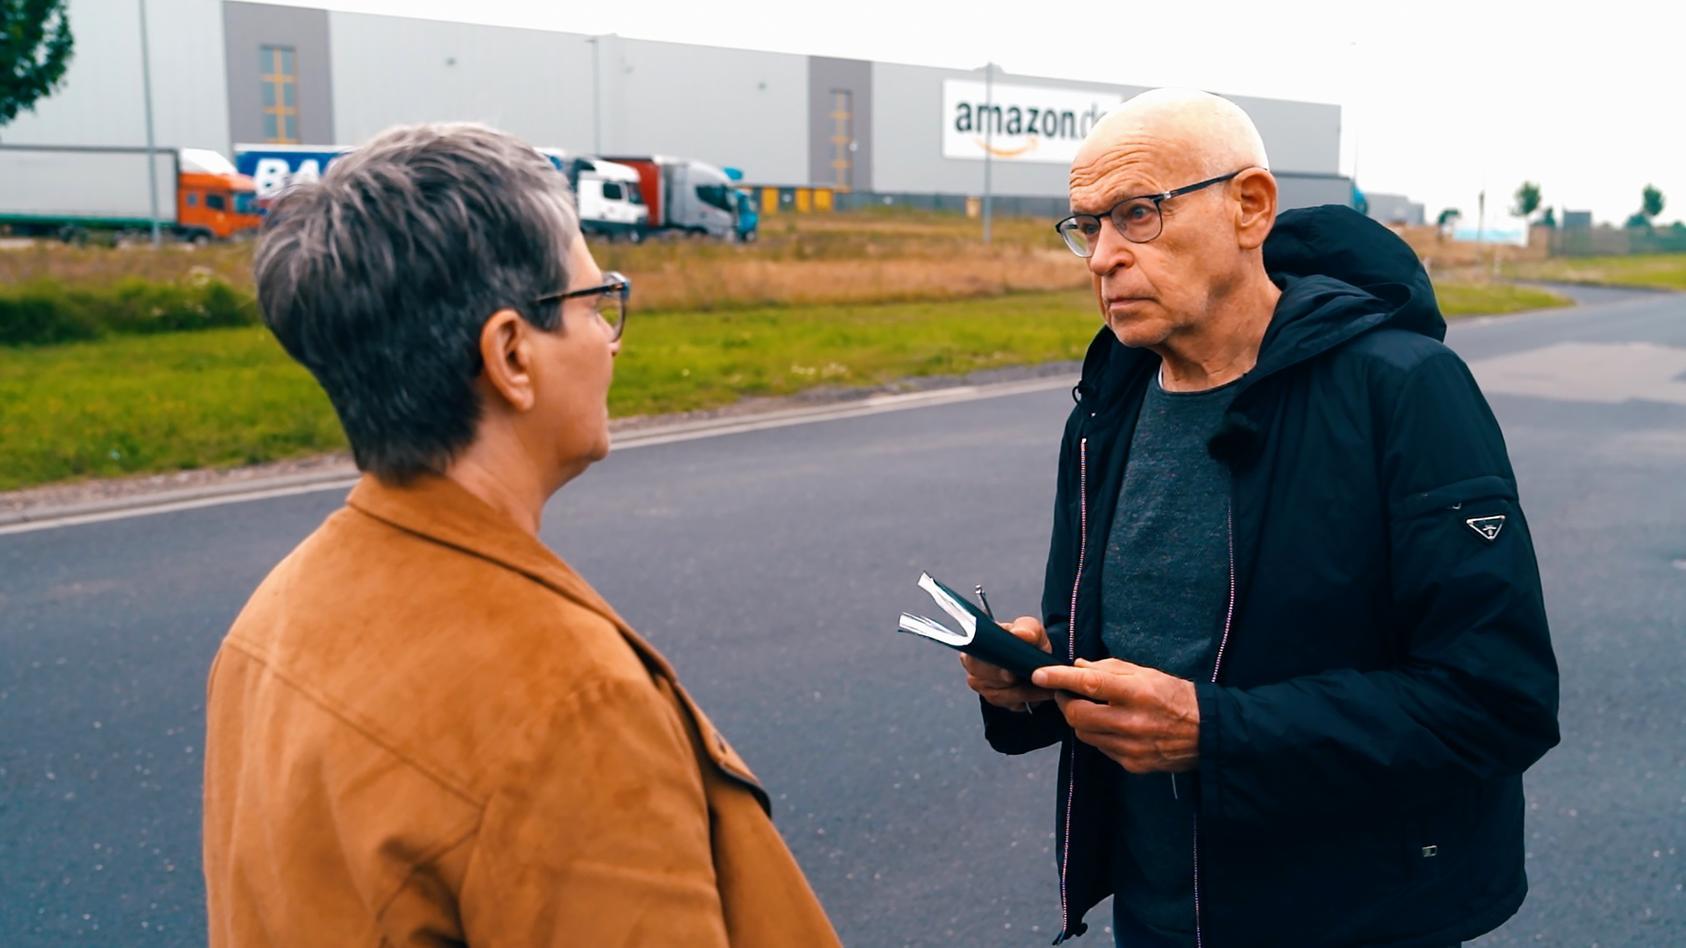 Günter Wallraff (r.) und Petra Kusenberg (l.) von der Gewerkschaft Verdi sprechen über die katastrophalen Arbeitsbedingungen in den Amazon-Werken.